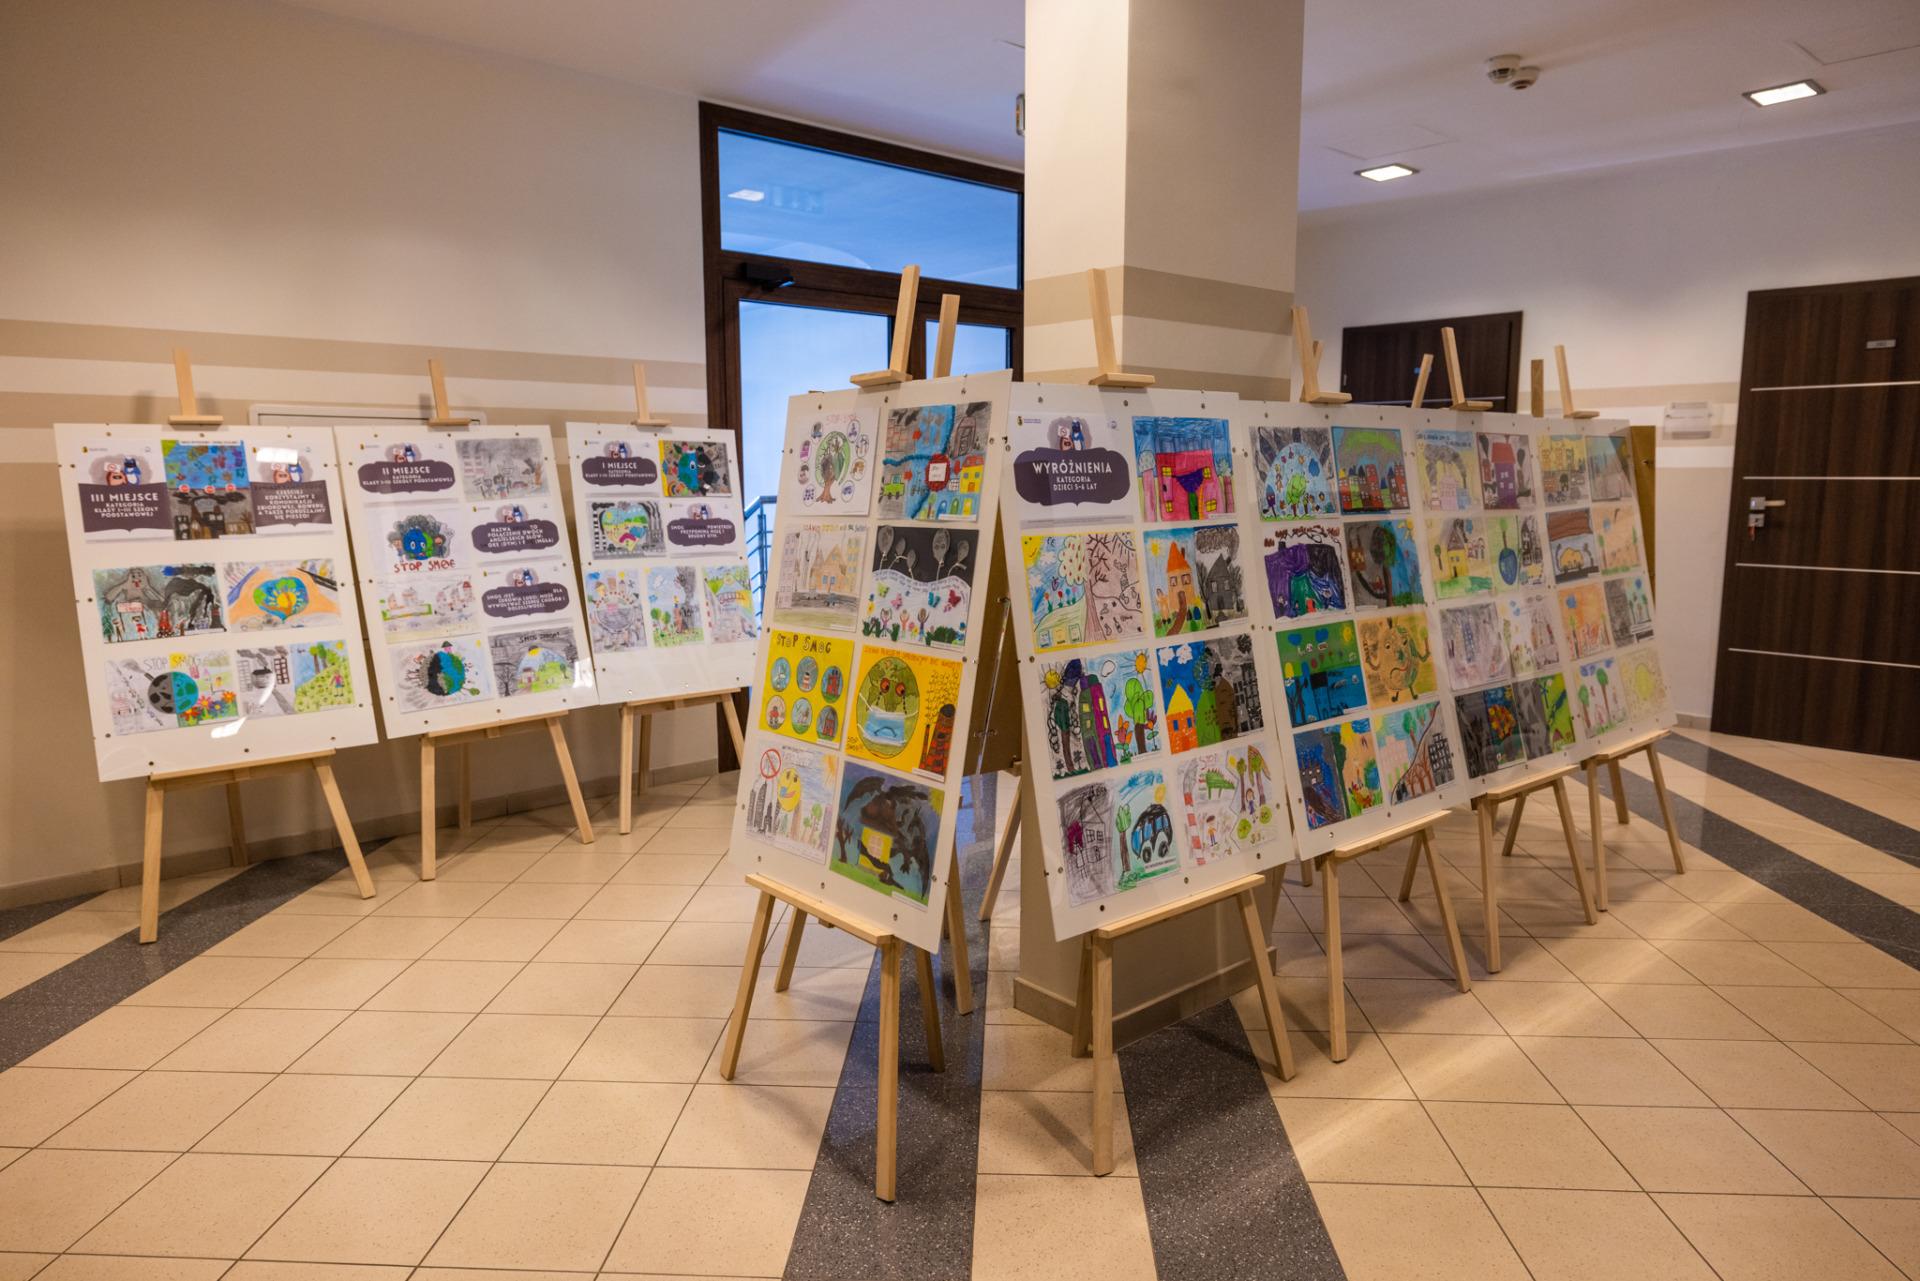 foto: Ogólny widok wystawy w górnym hallu Urzędu Miasta - Sokolow Zdjecia 1